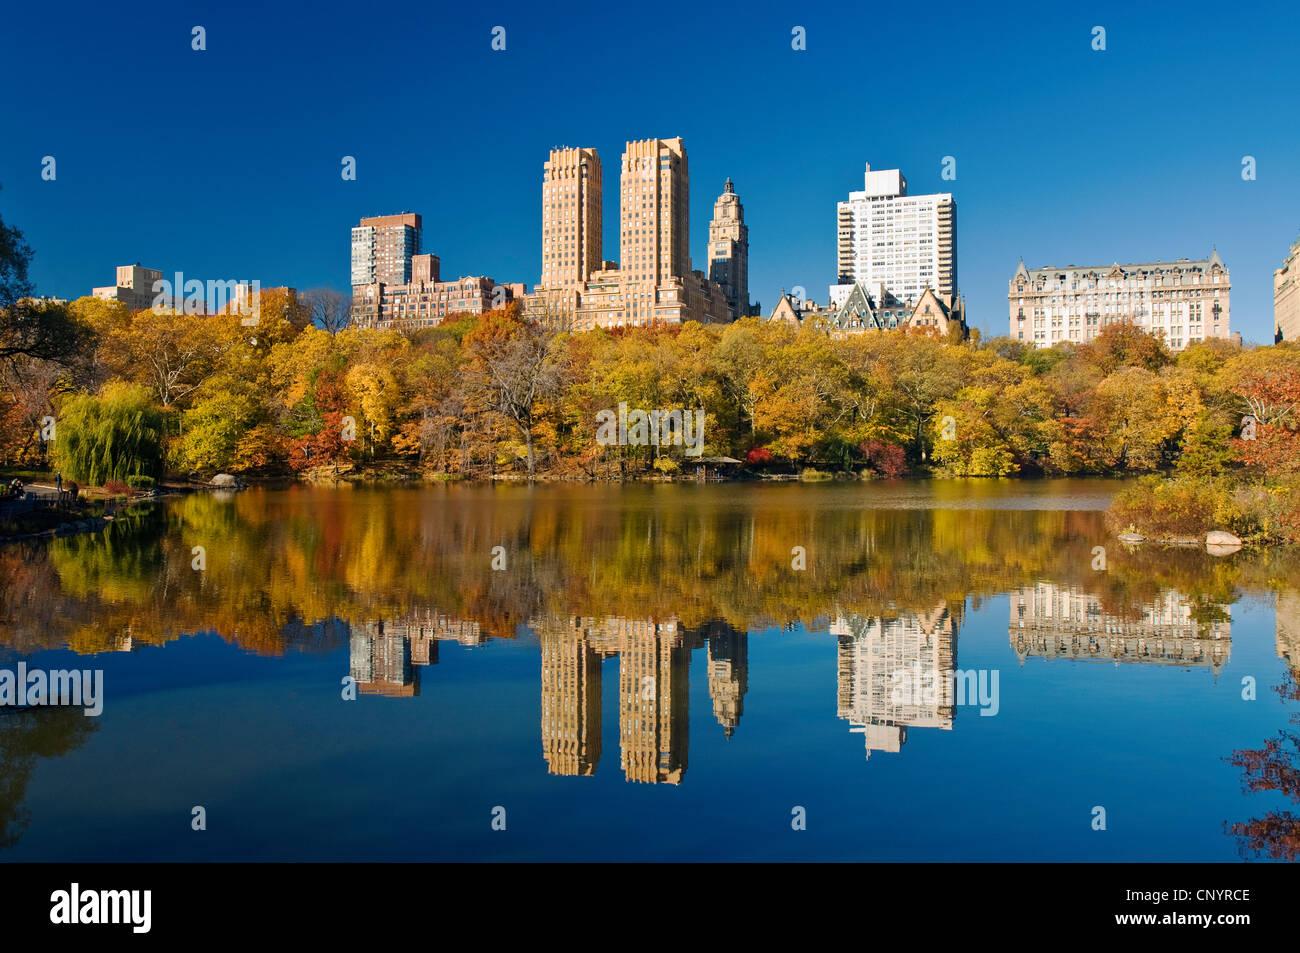 Central Park, New York City en automne au bord du lac de Central Park West Skyline et les appartements du Dakota. Photo Stock